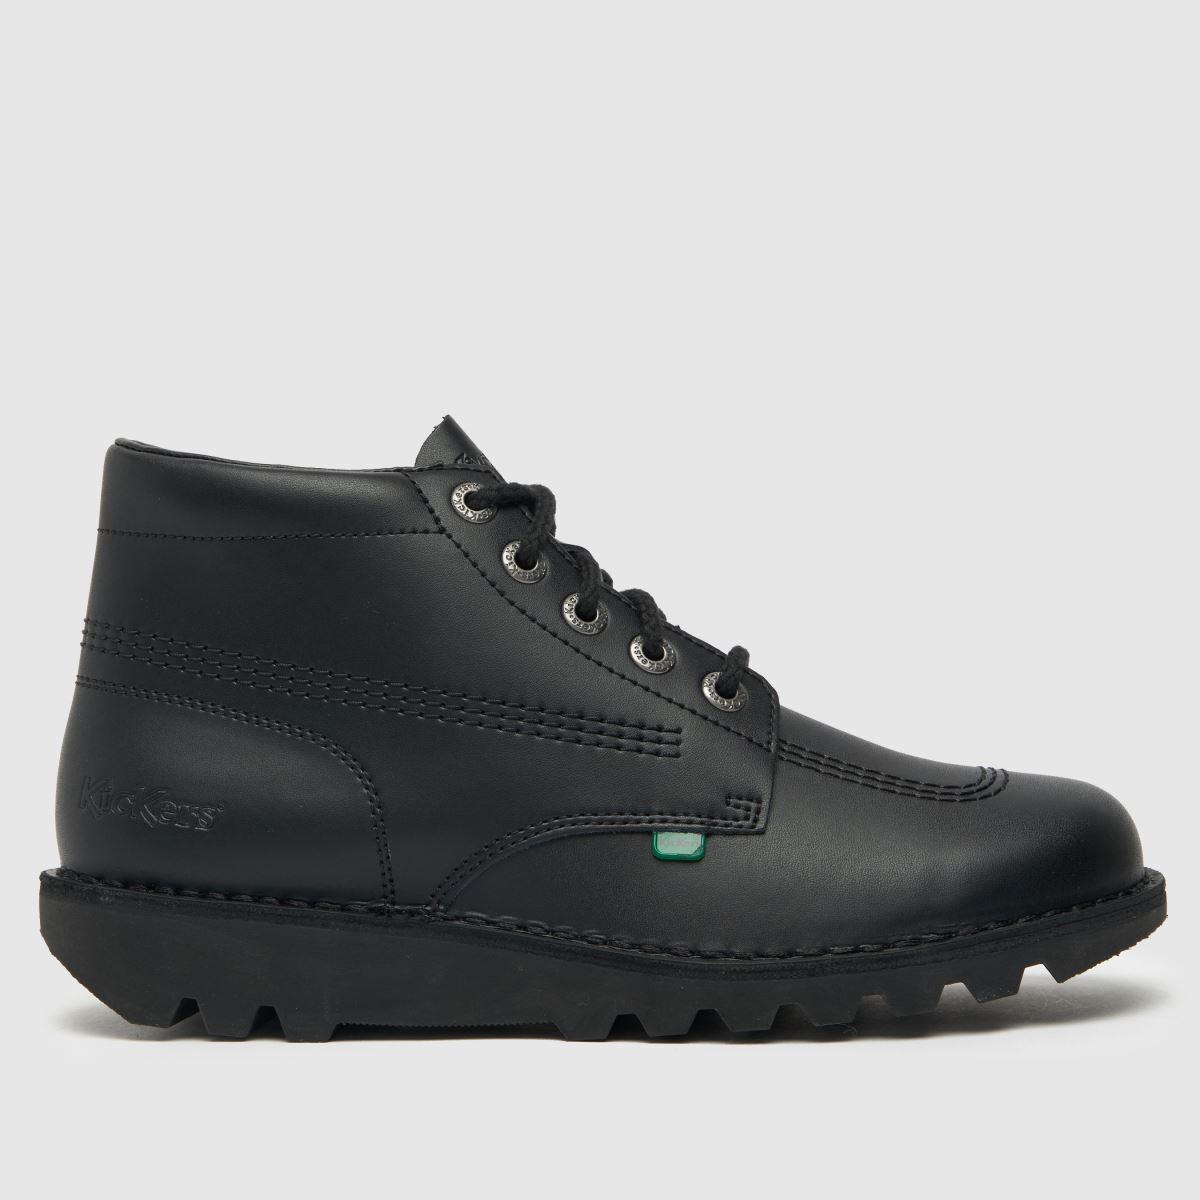 Kickers Black Hi Boots